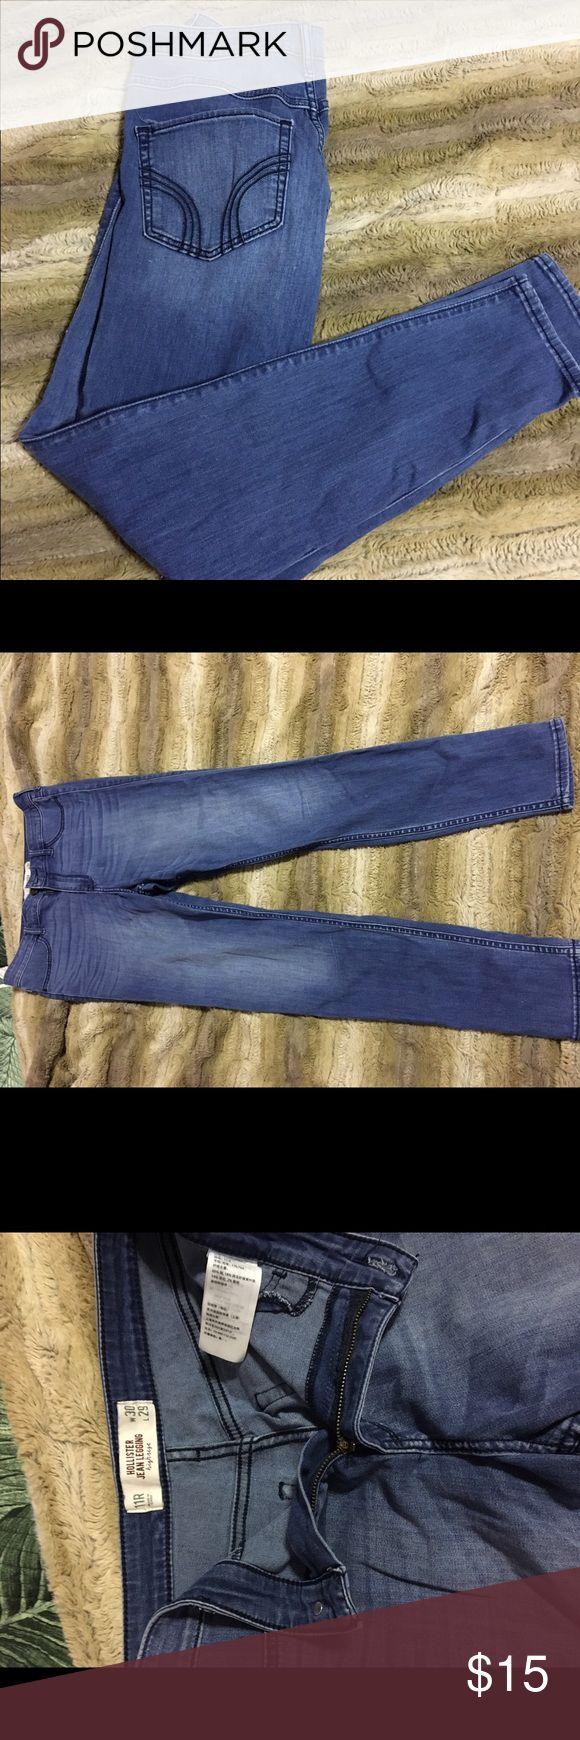 Hollister leggings Hollister jeggings Jeans Skinny